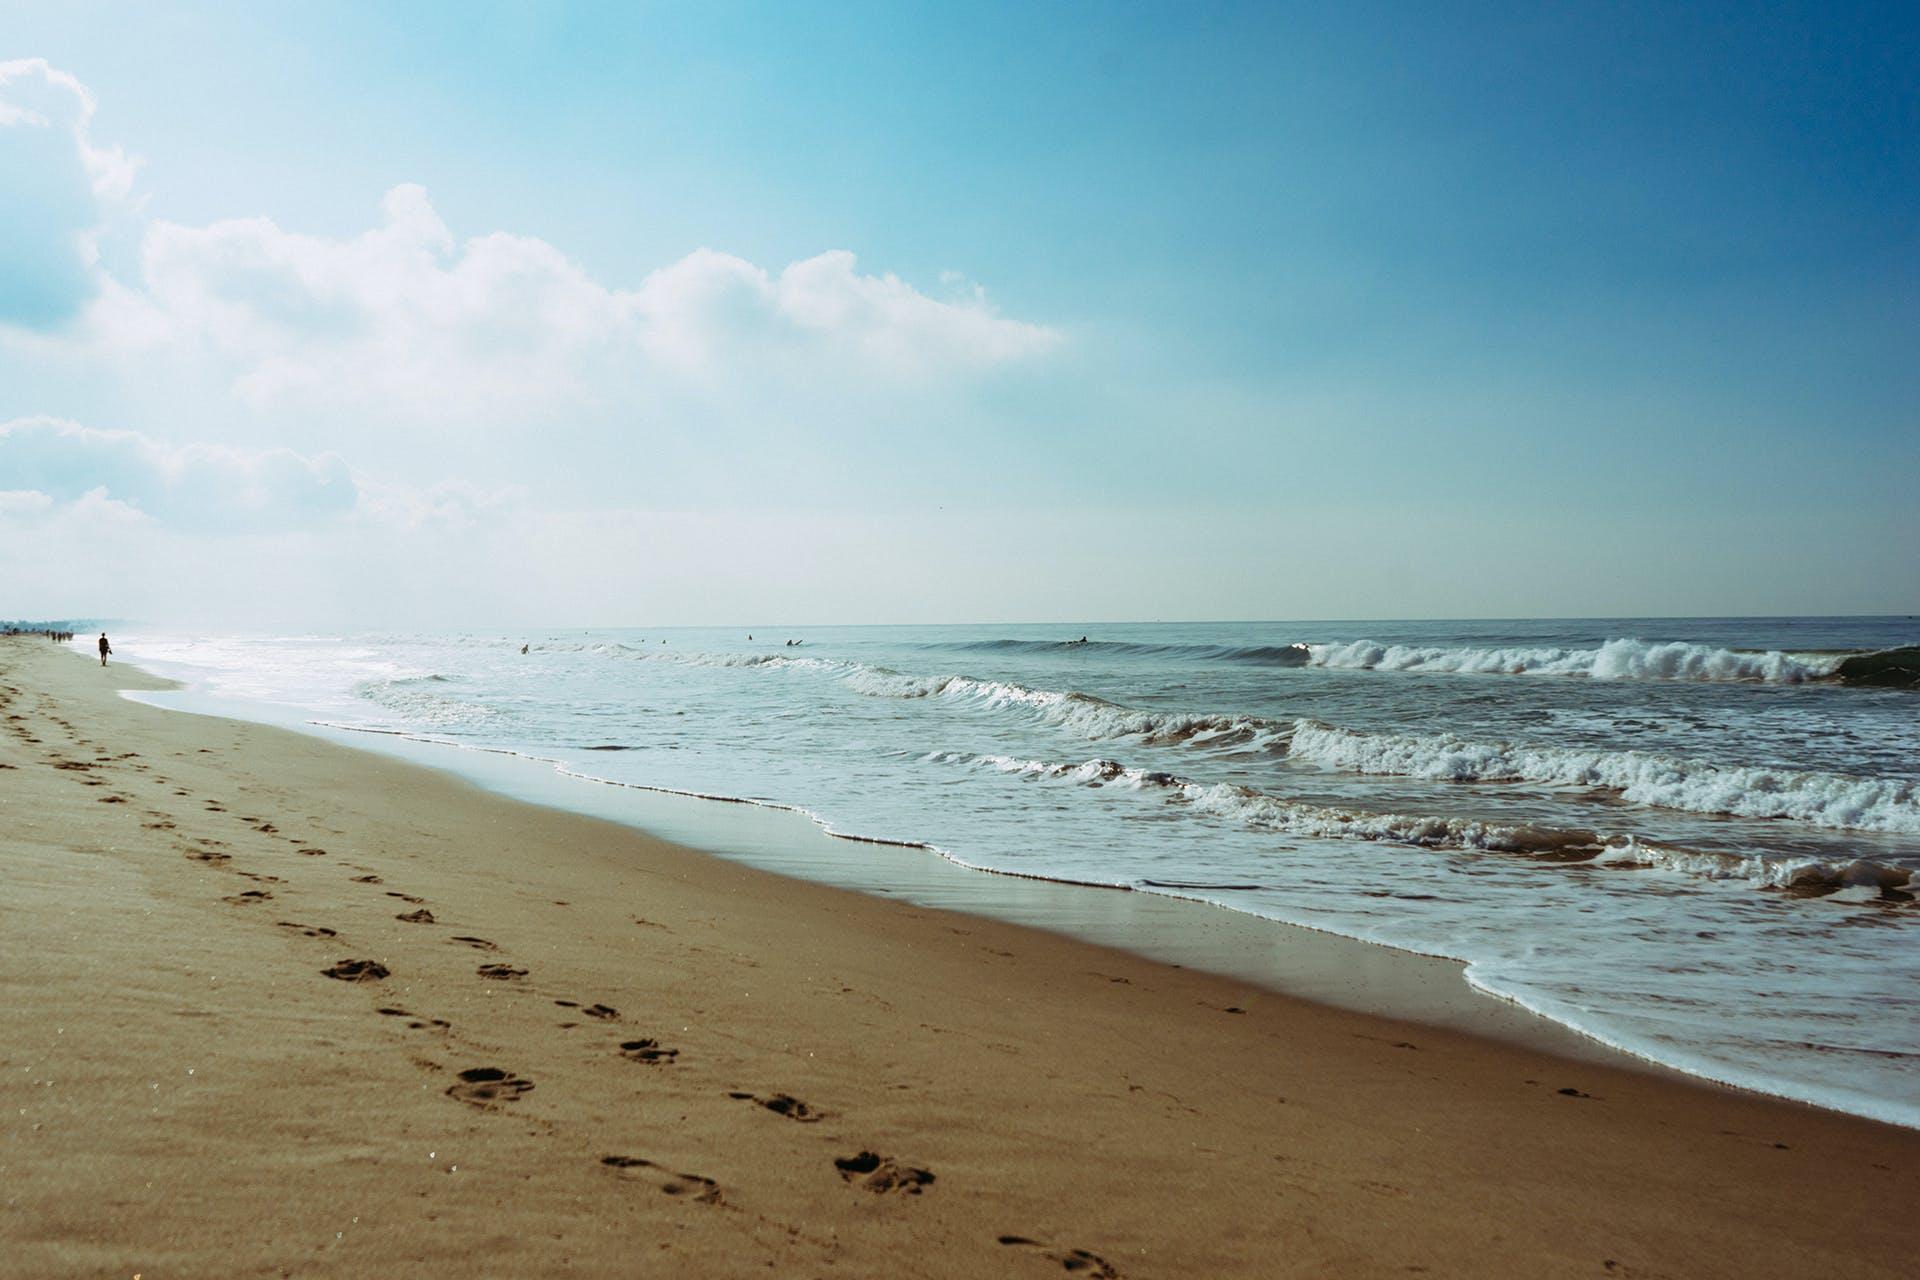 beach, footprint, salt water